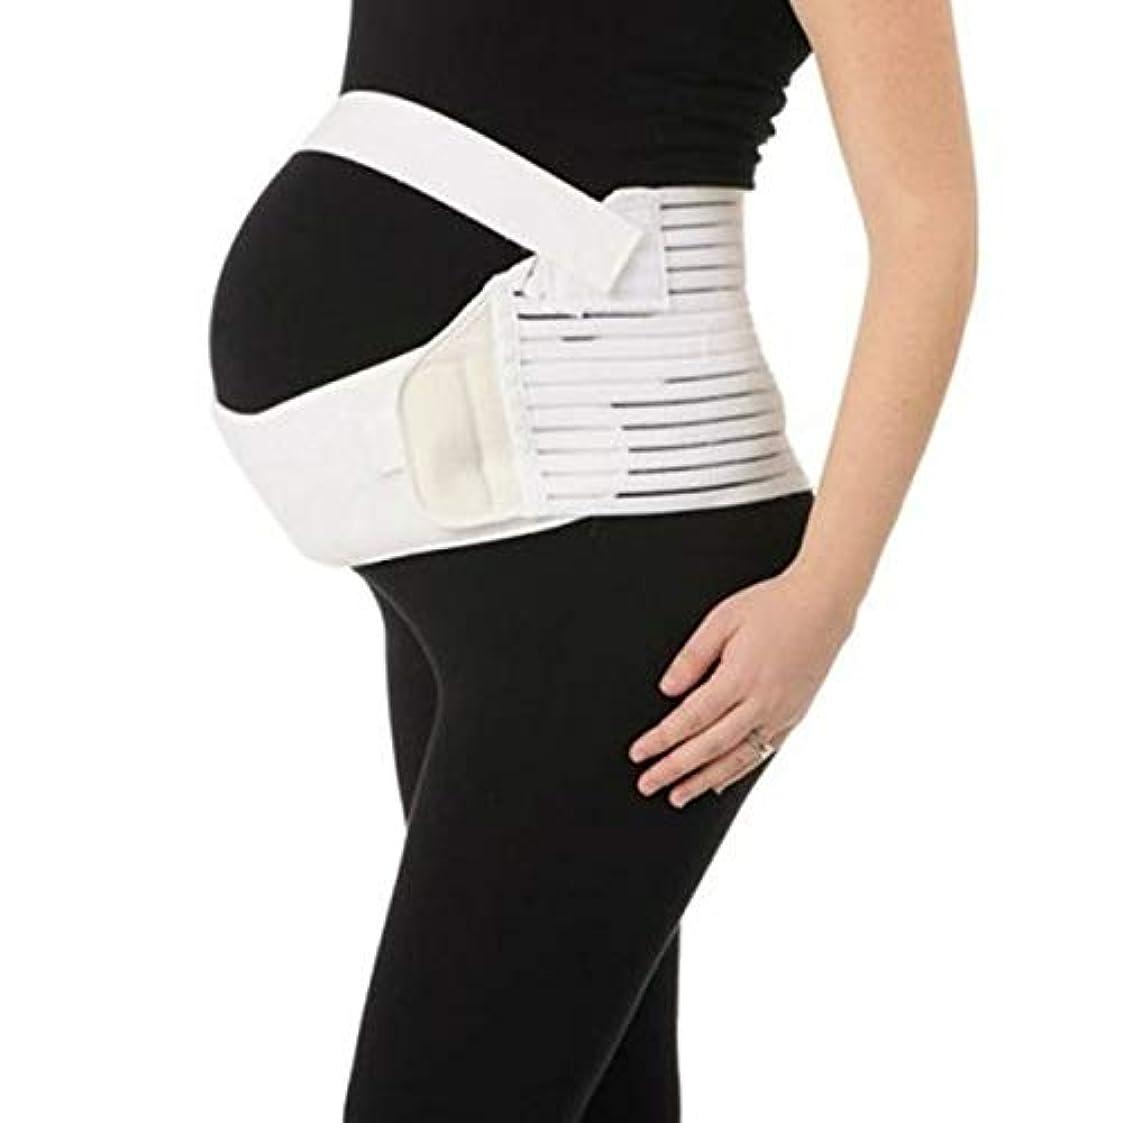 肘掛け椅子熱帯の聖域通気性マタニティベルト妊娠腹部サポート腹部バインダーガードル運動包帯産後の回復shapewear - ホワイトL